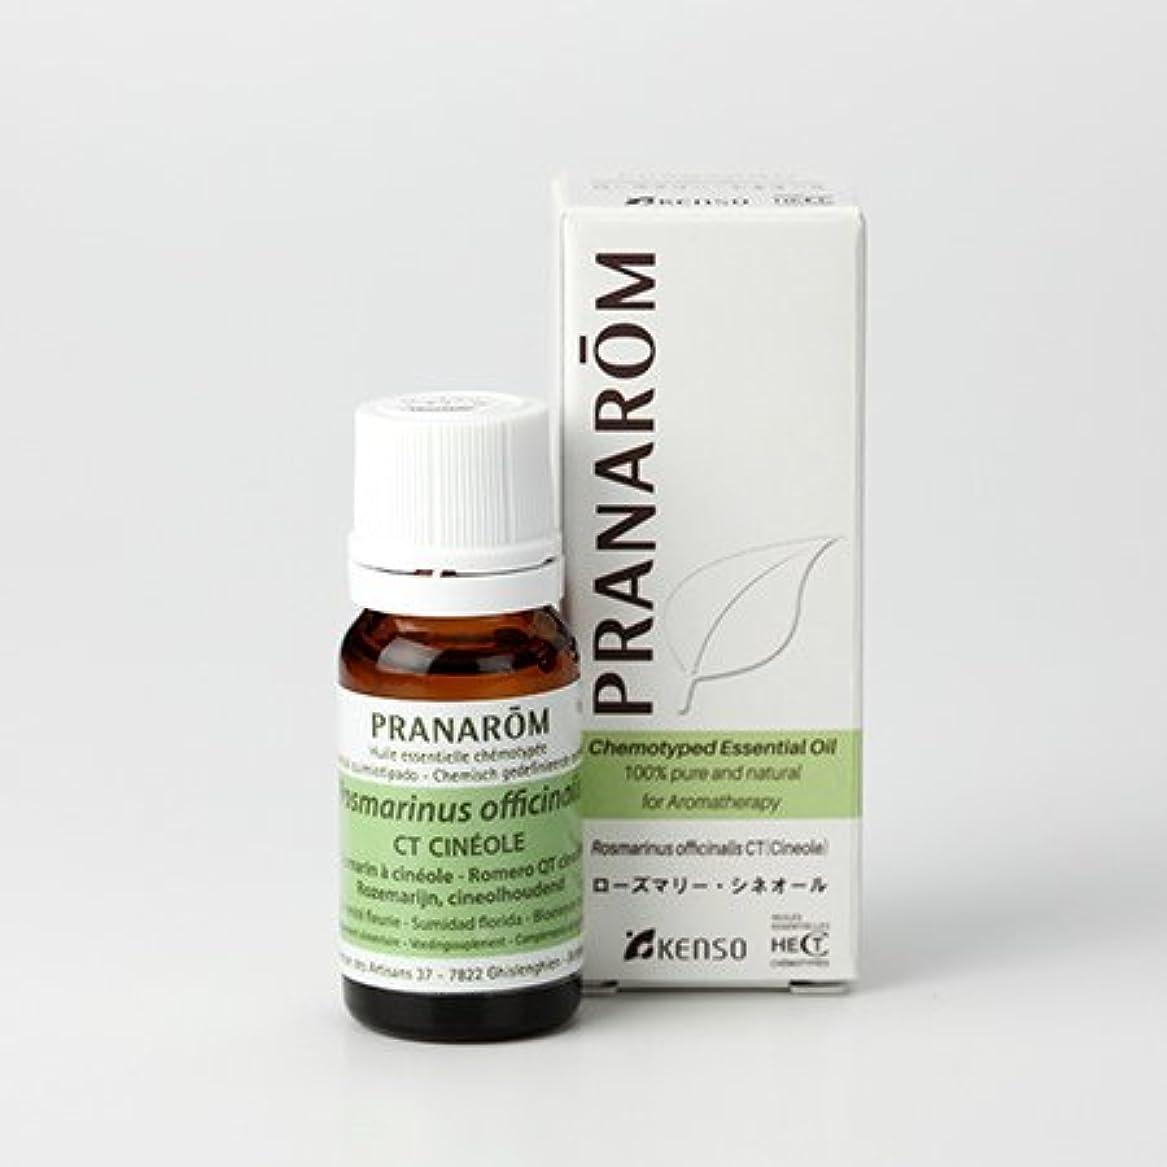 強制にんじん燃やすプラナロム ローズマリーシネオール 10ml (PRANAROM ケモタイプ精油)